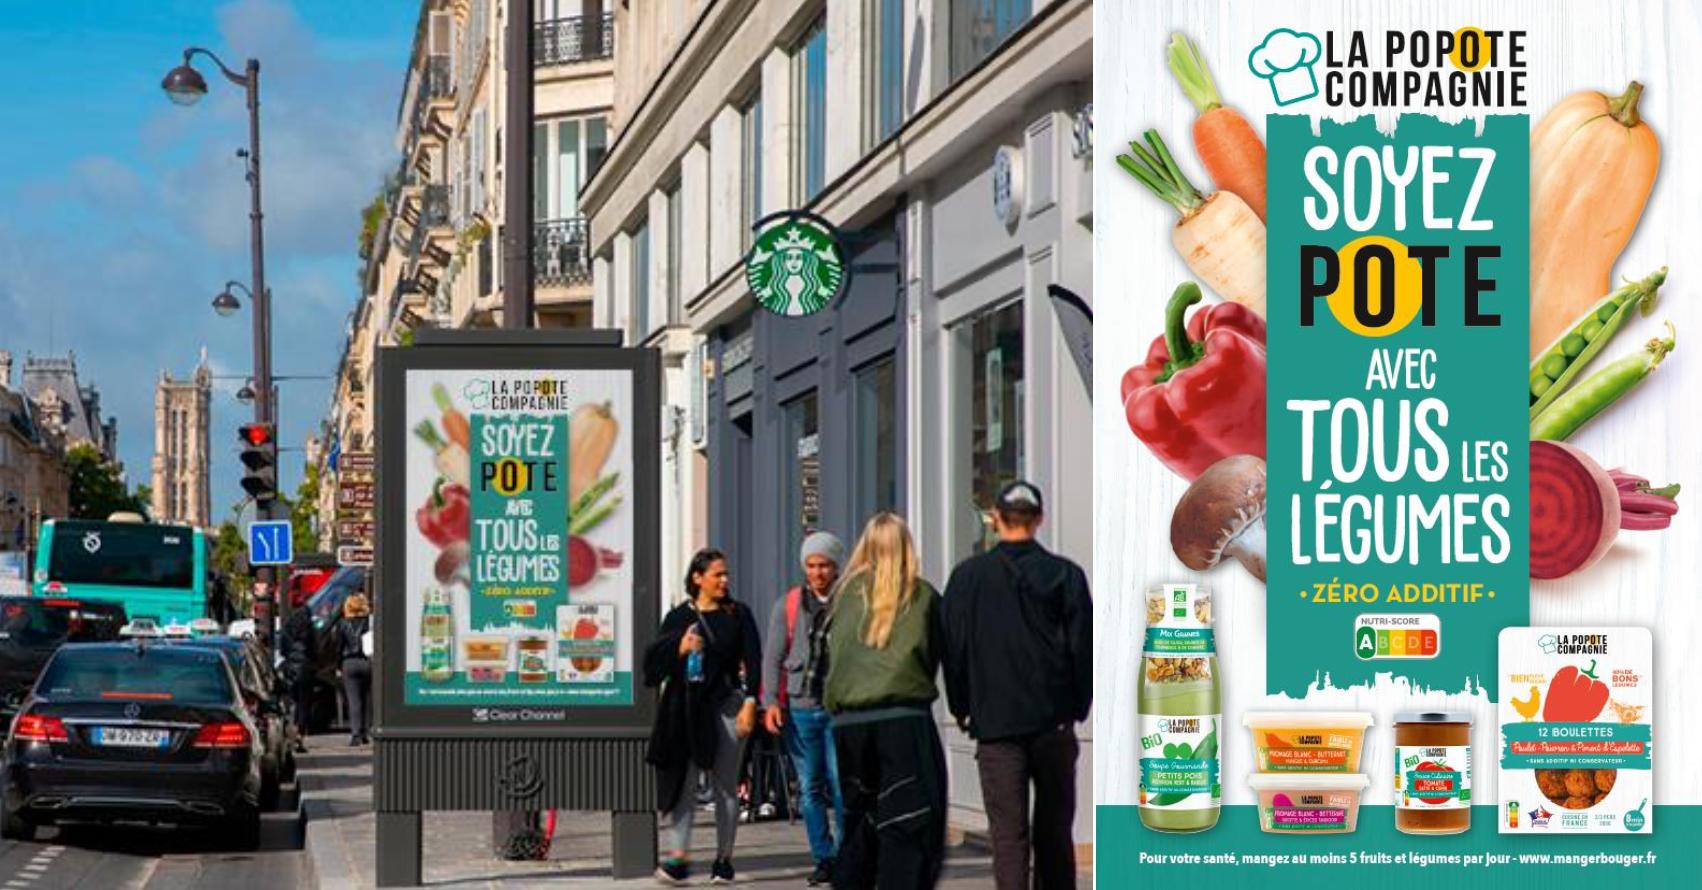 Capture d'écran 2020 01 08 à 18.12.25 - La Popote Compagnie s'affiche dans les rues de Paris